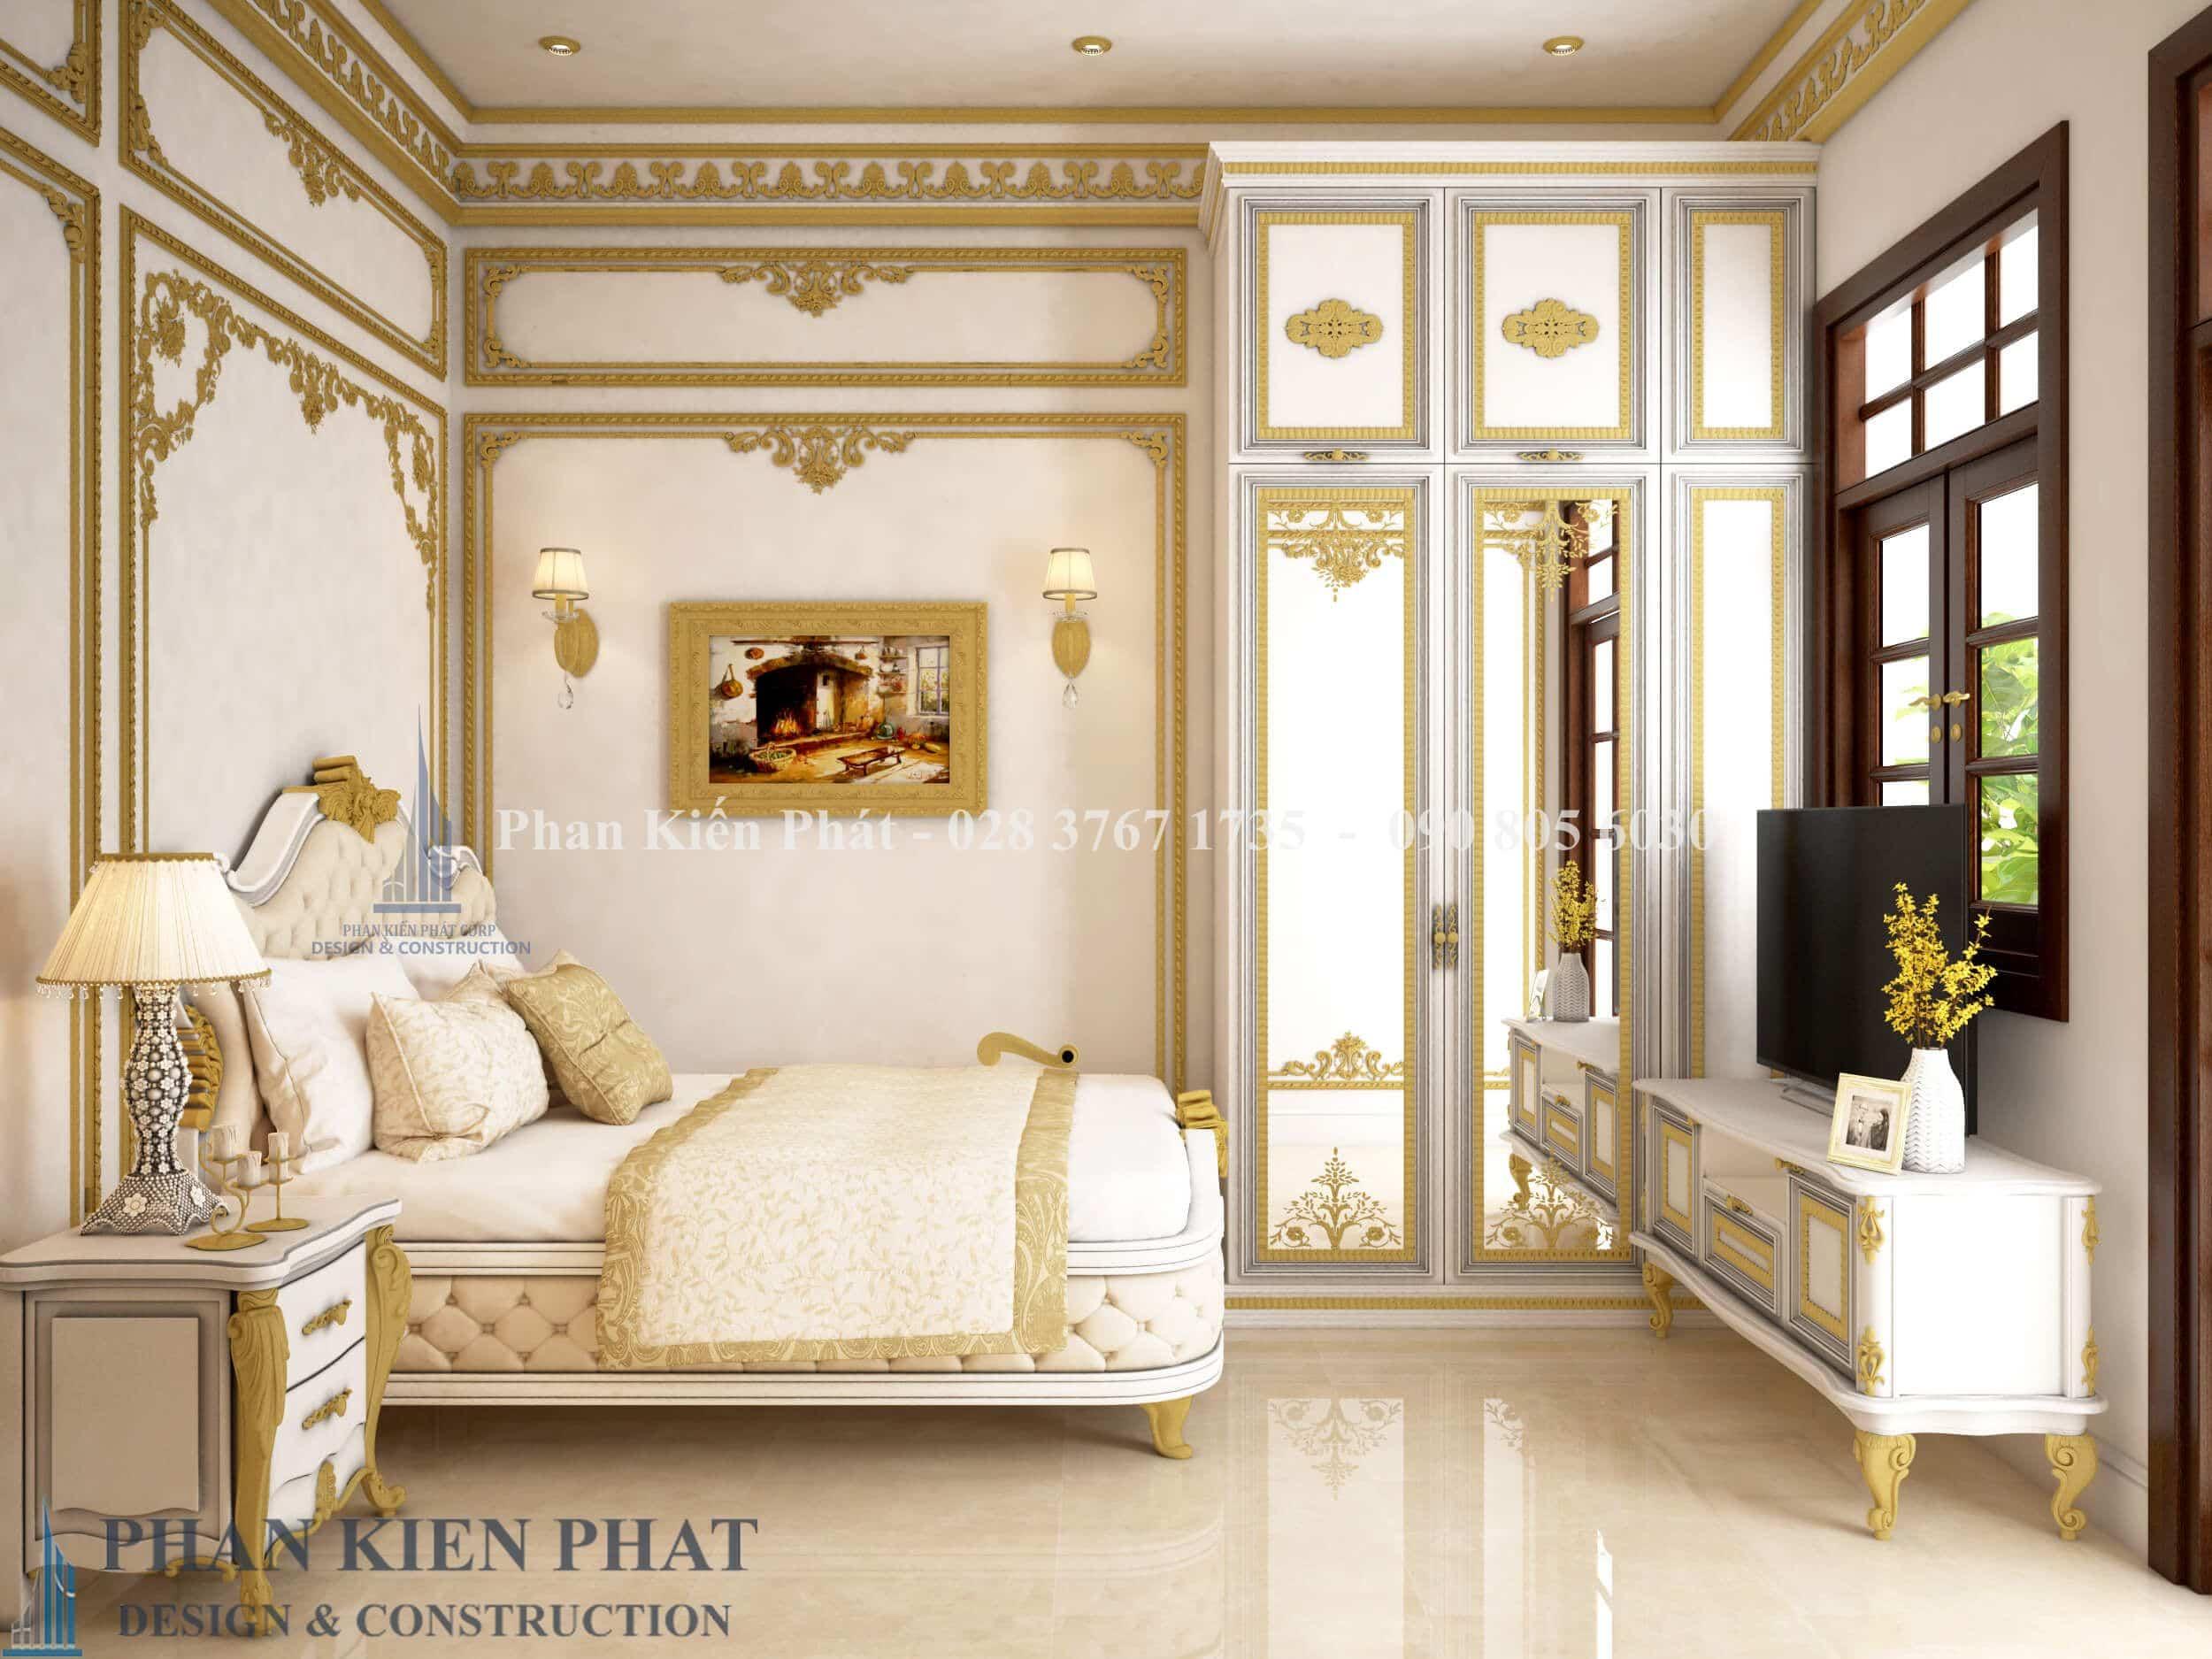 Noi That Phong Ngu 2 Biet Thu Co Dien View 1